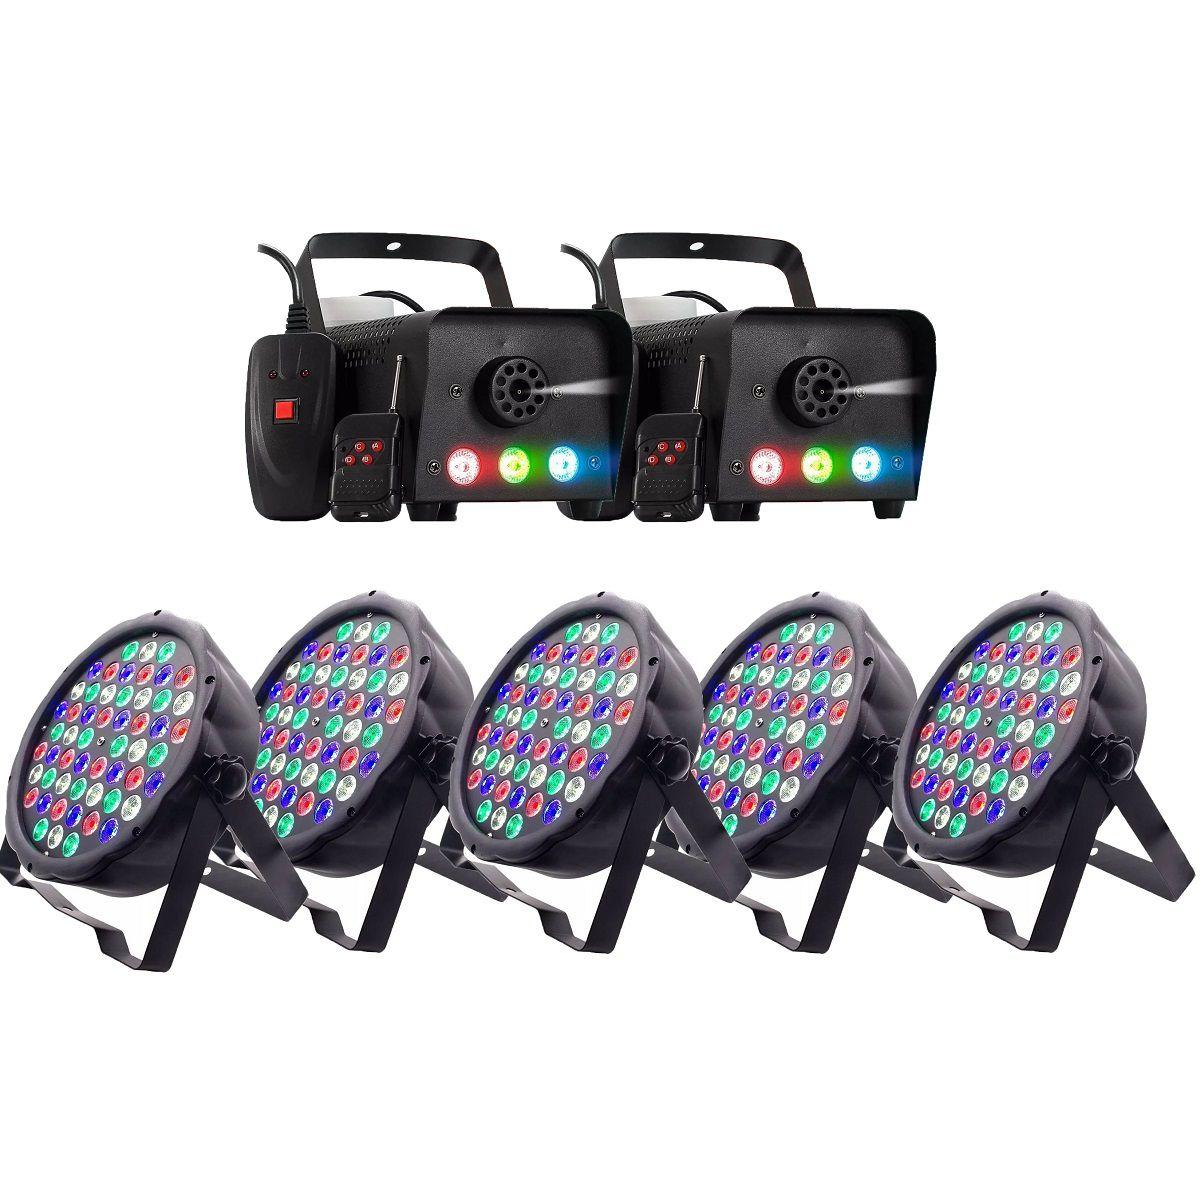 Kit Festa Com 5 Canhão De Luz Led Par 64 Rbgw 54 Leds 3w Strobo Dmx Digital Slim + Máquina de Fumaça 600w 3 Leds 1 Watt RGB Controle Sem Fio